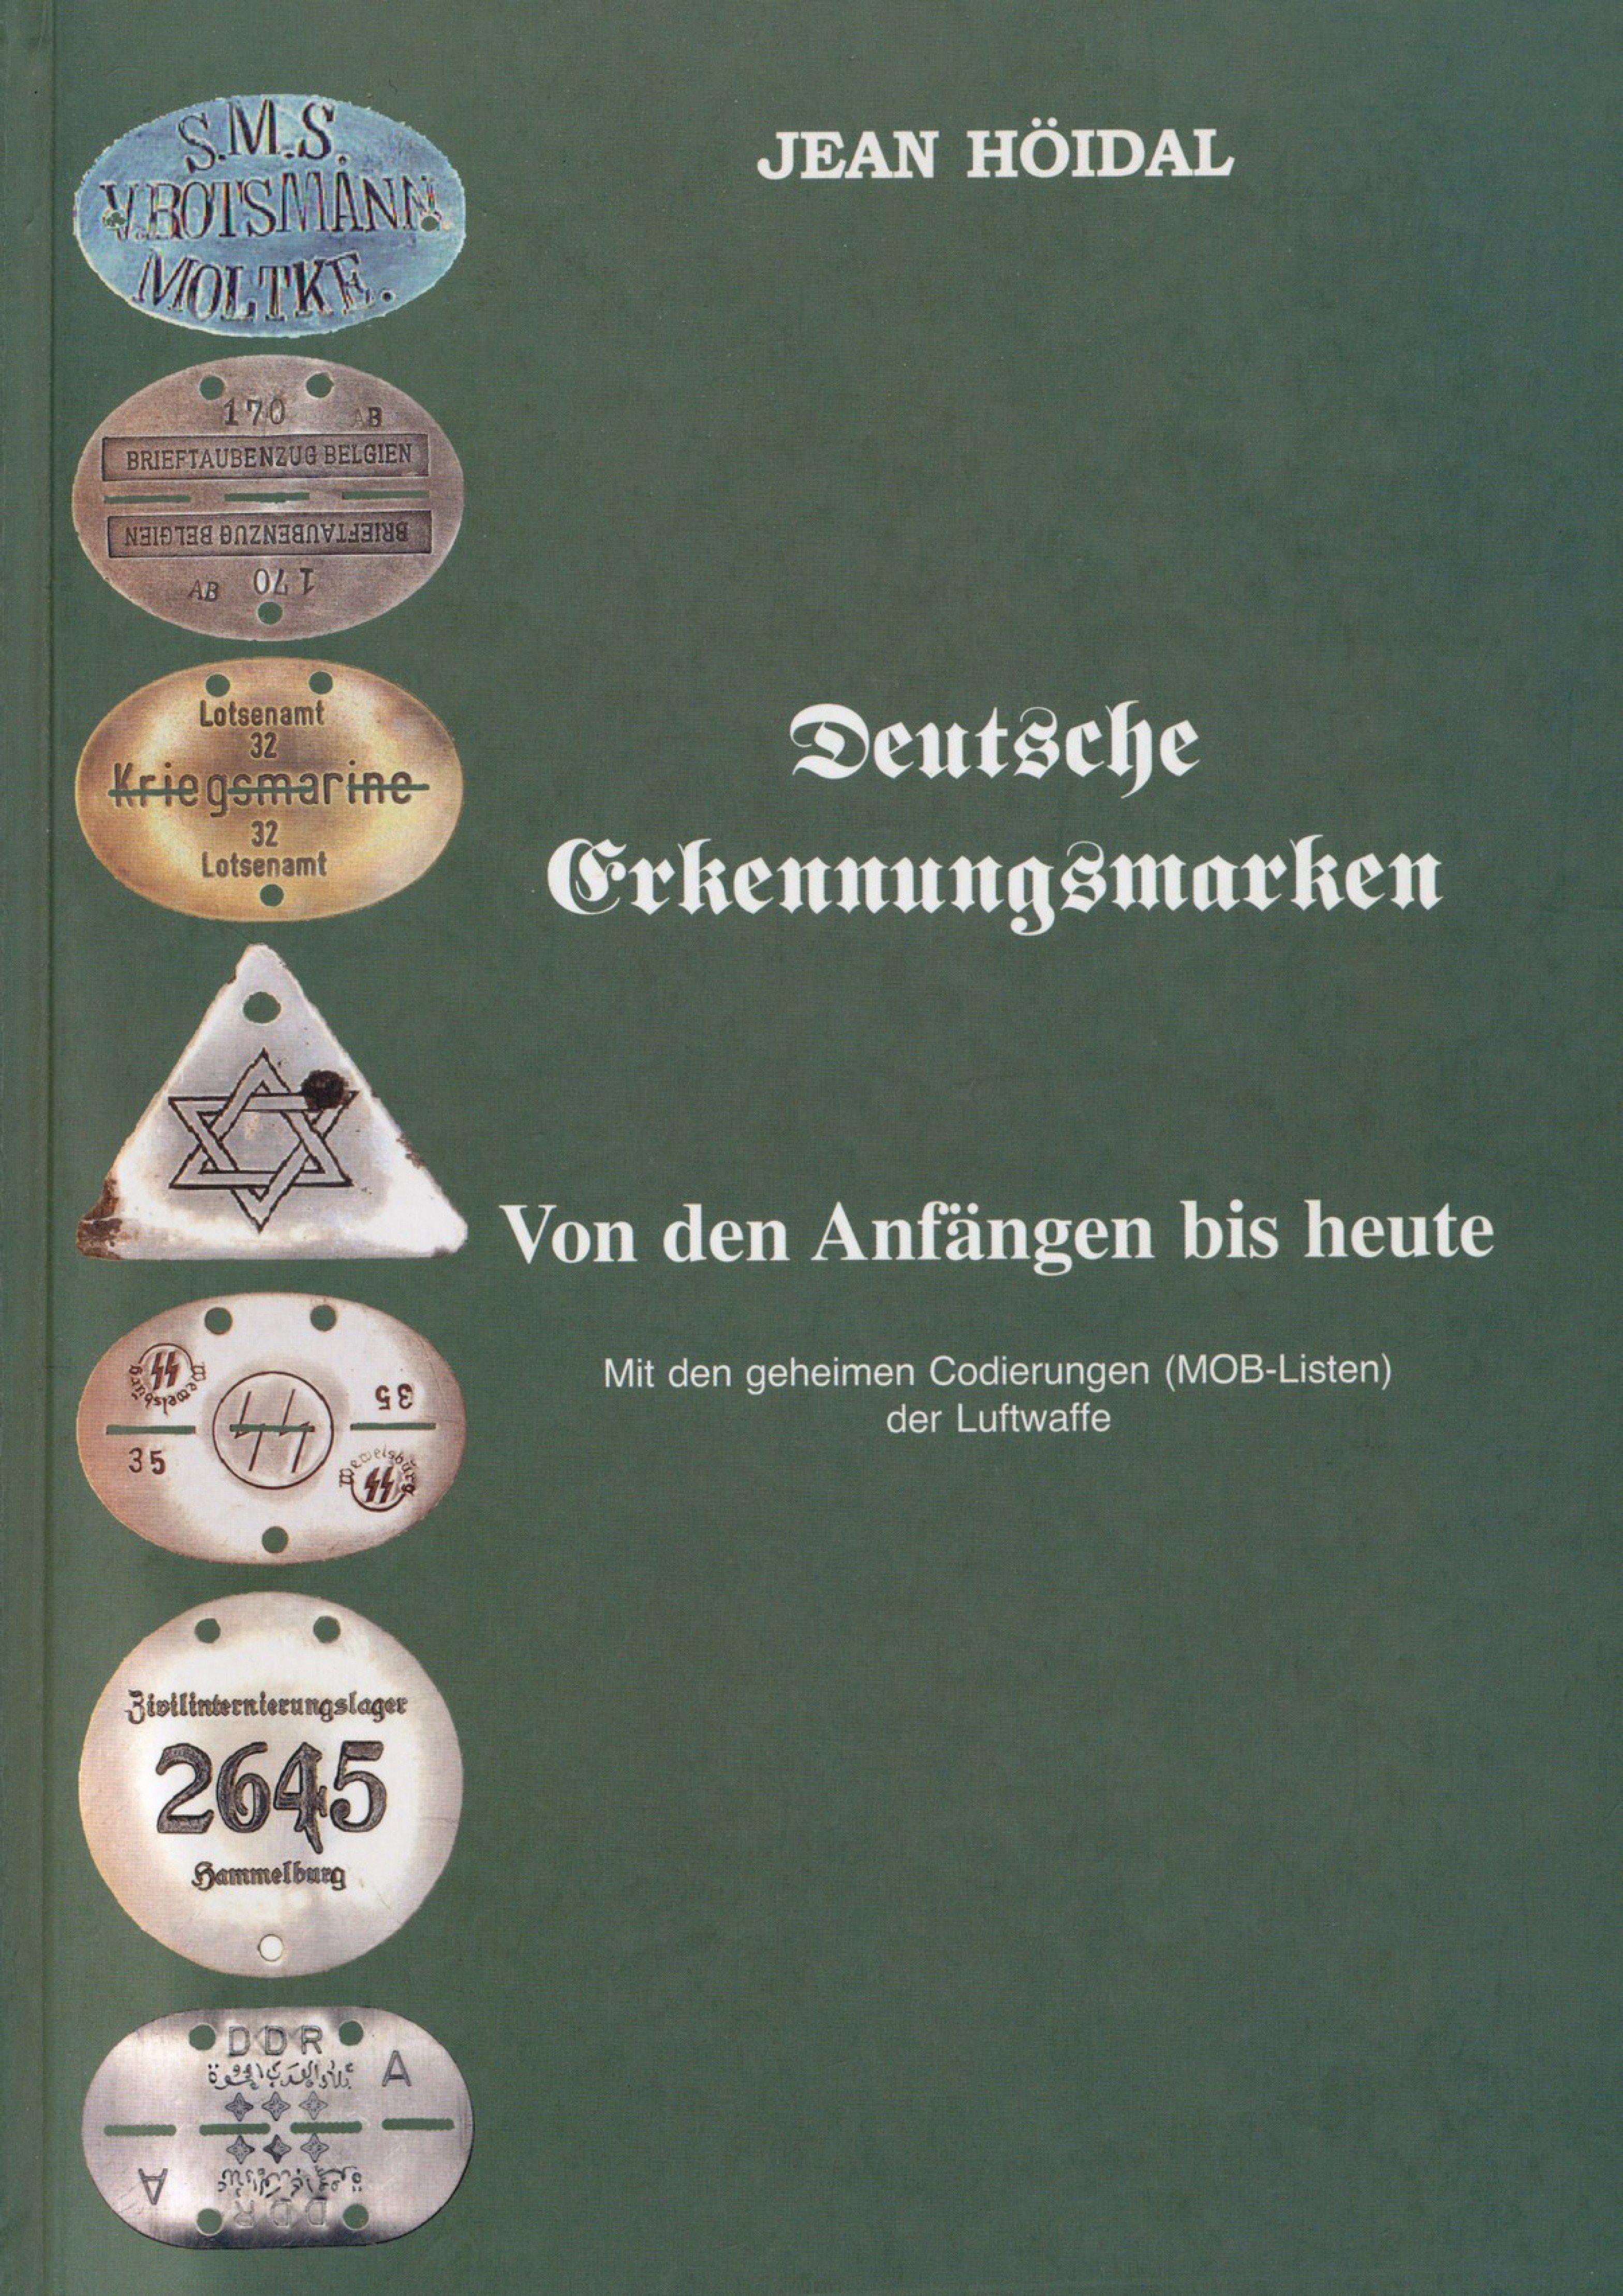 СПРАВОЧНИК. Германские смертельные медальоны. От начала и до сегодняшних дней